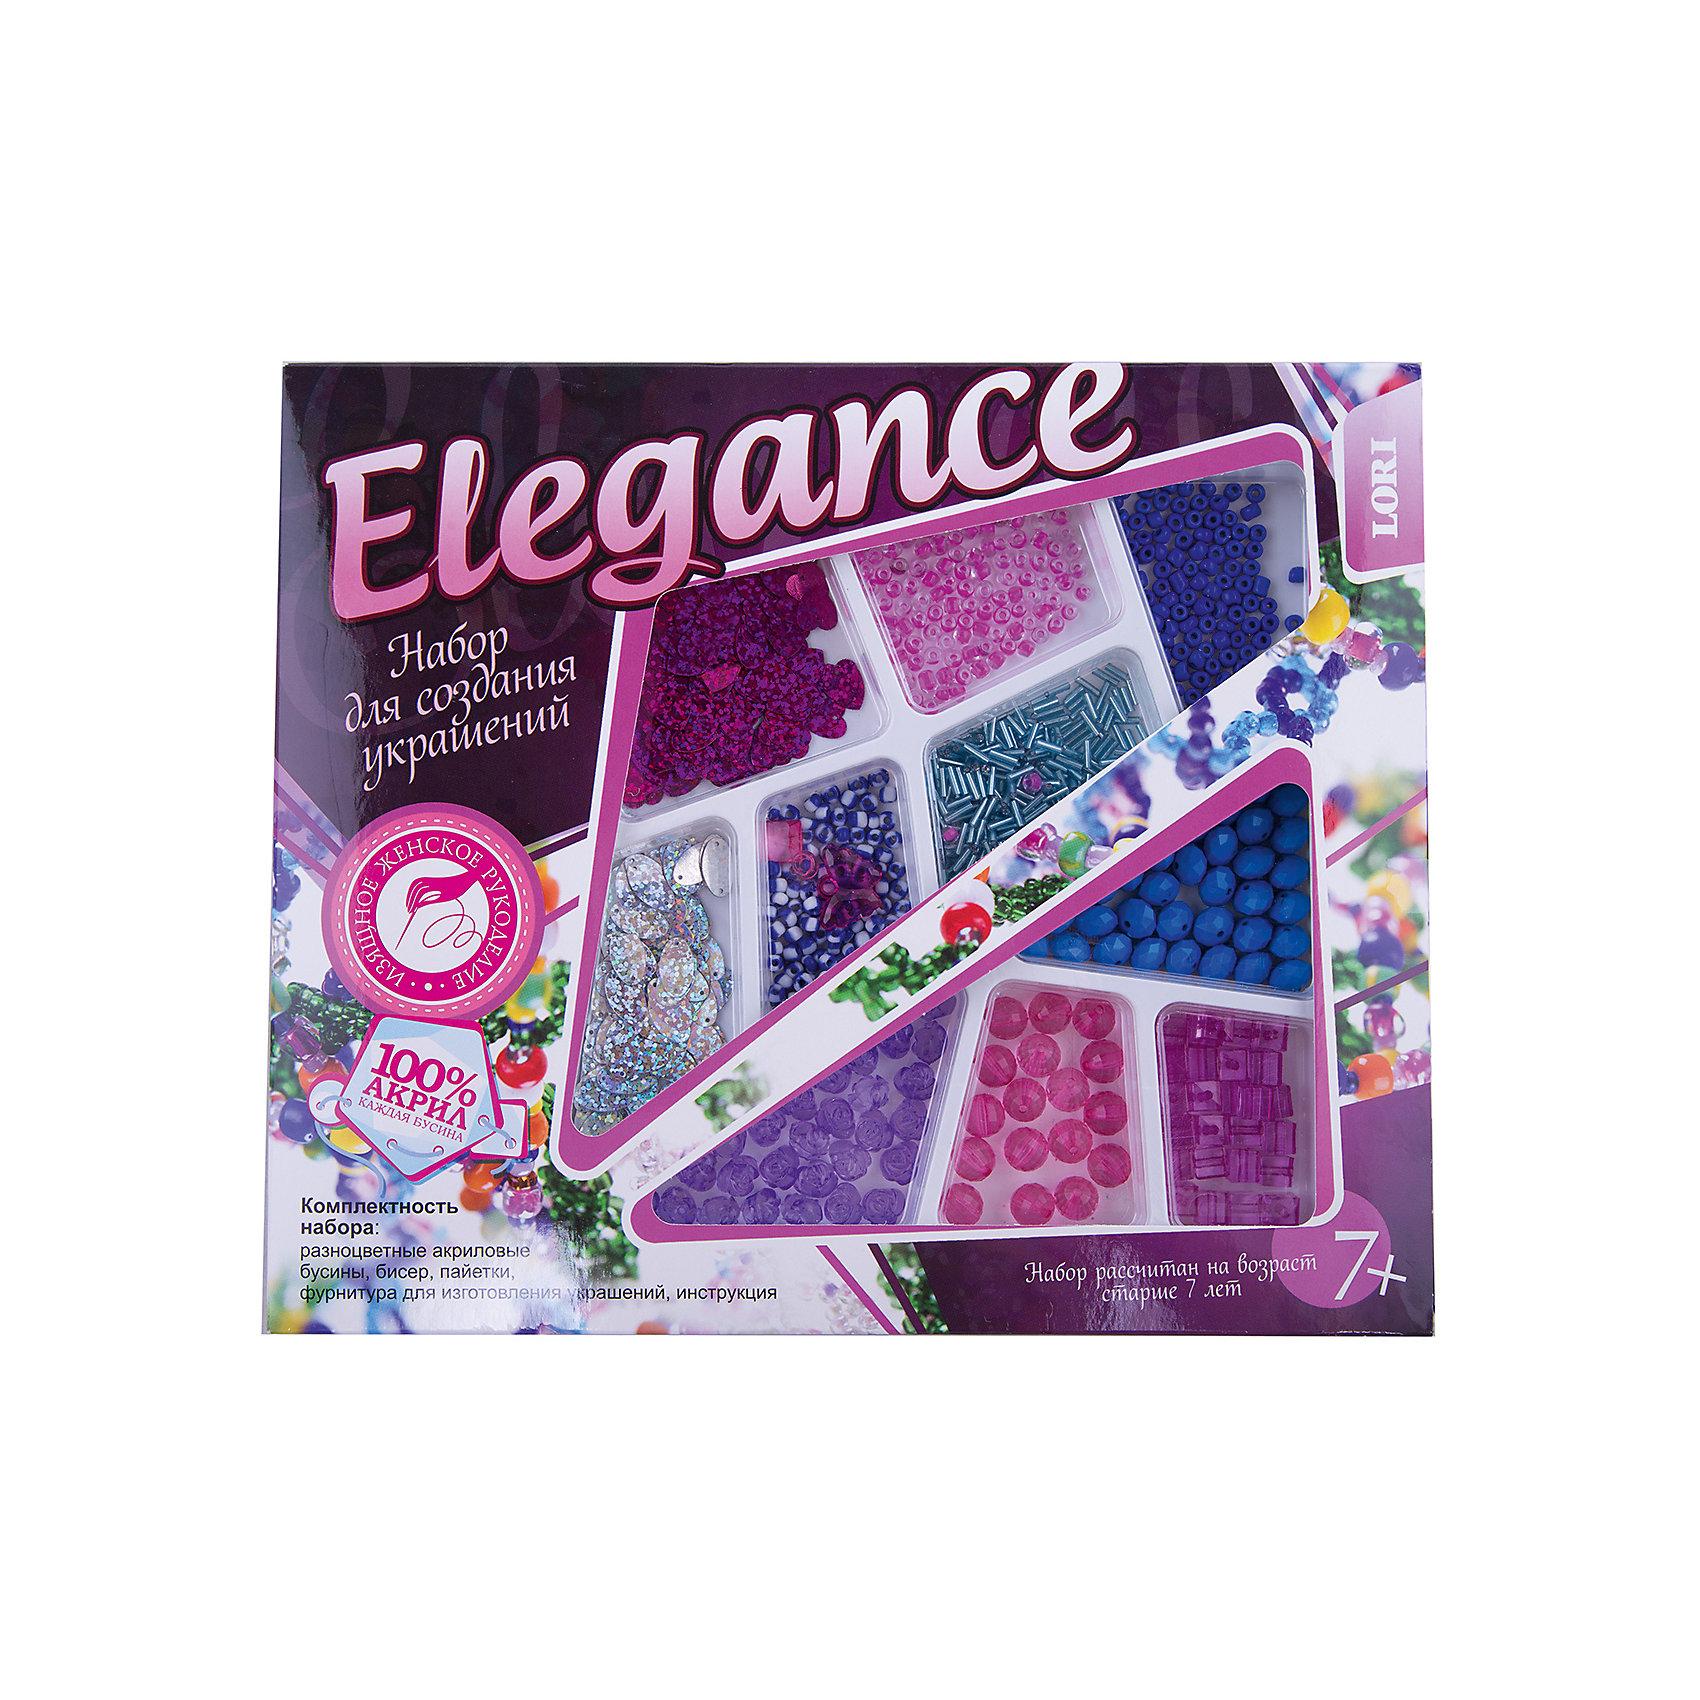 Большой набор для создания украшений Elegance